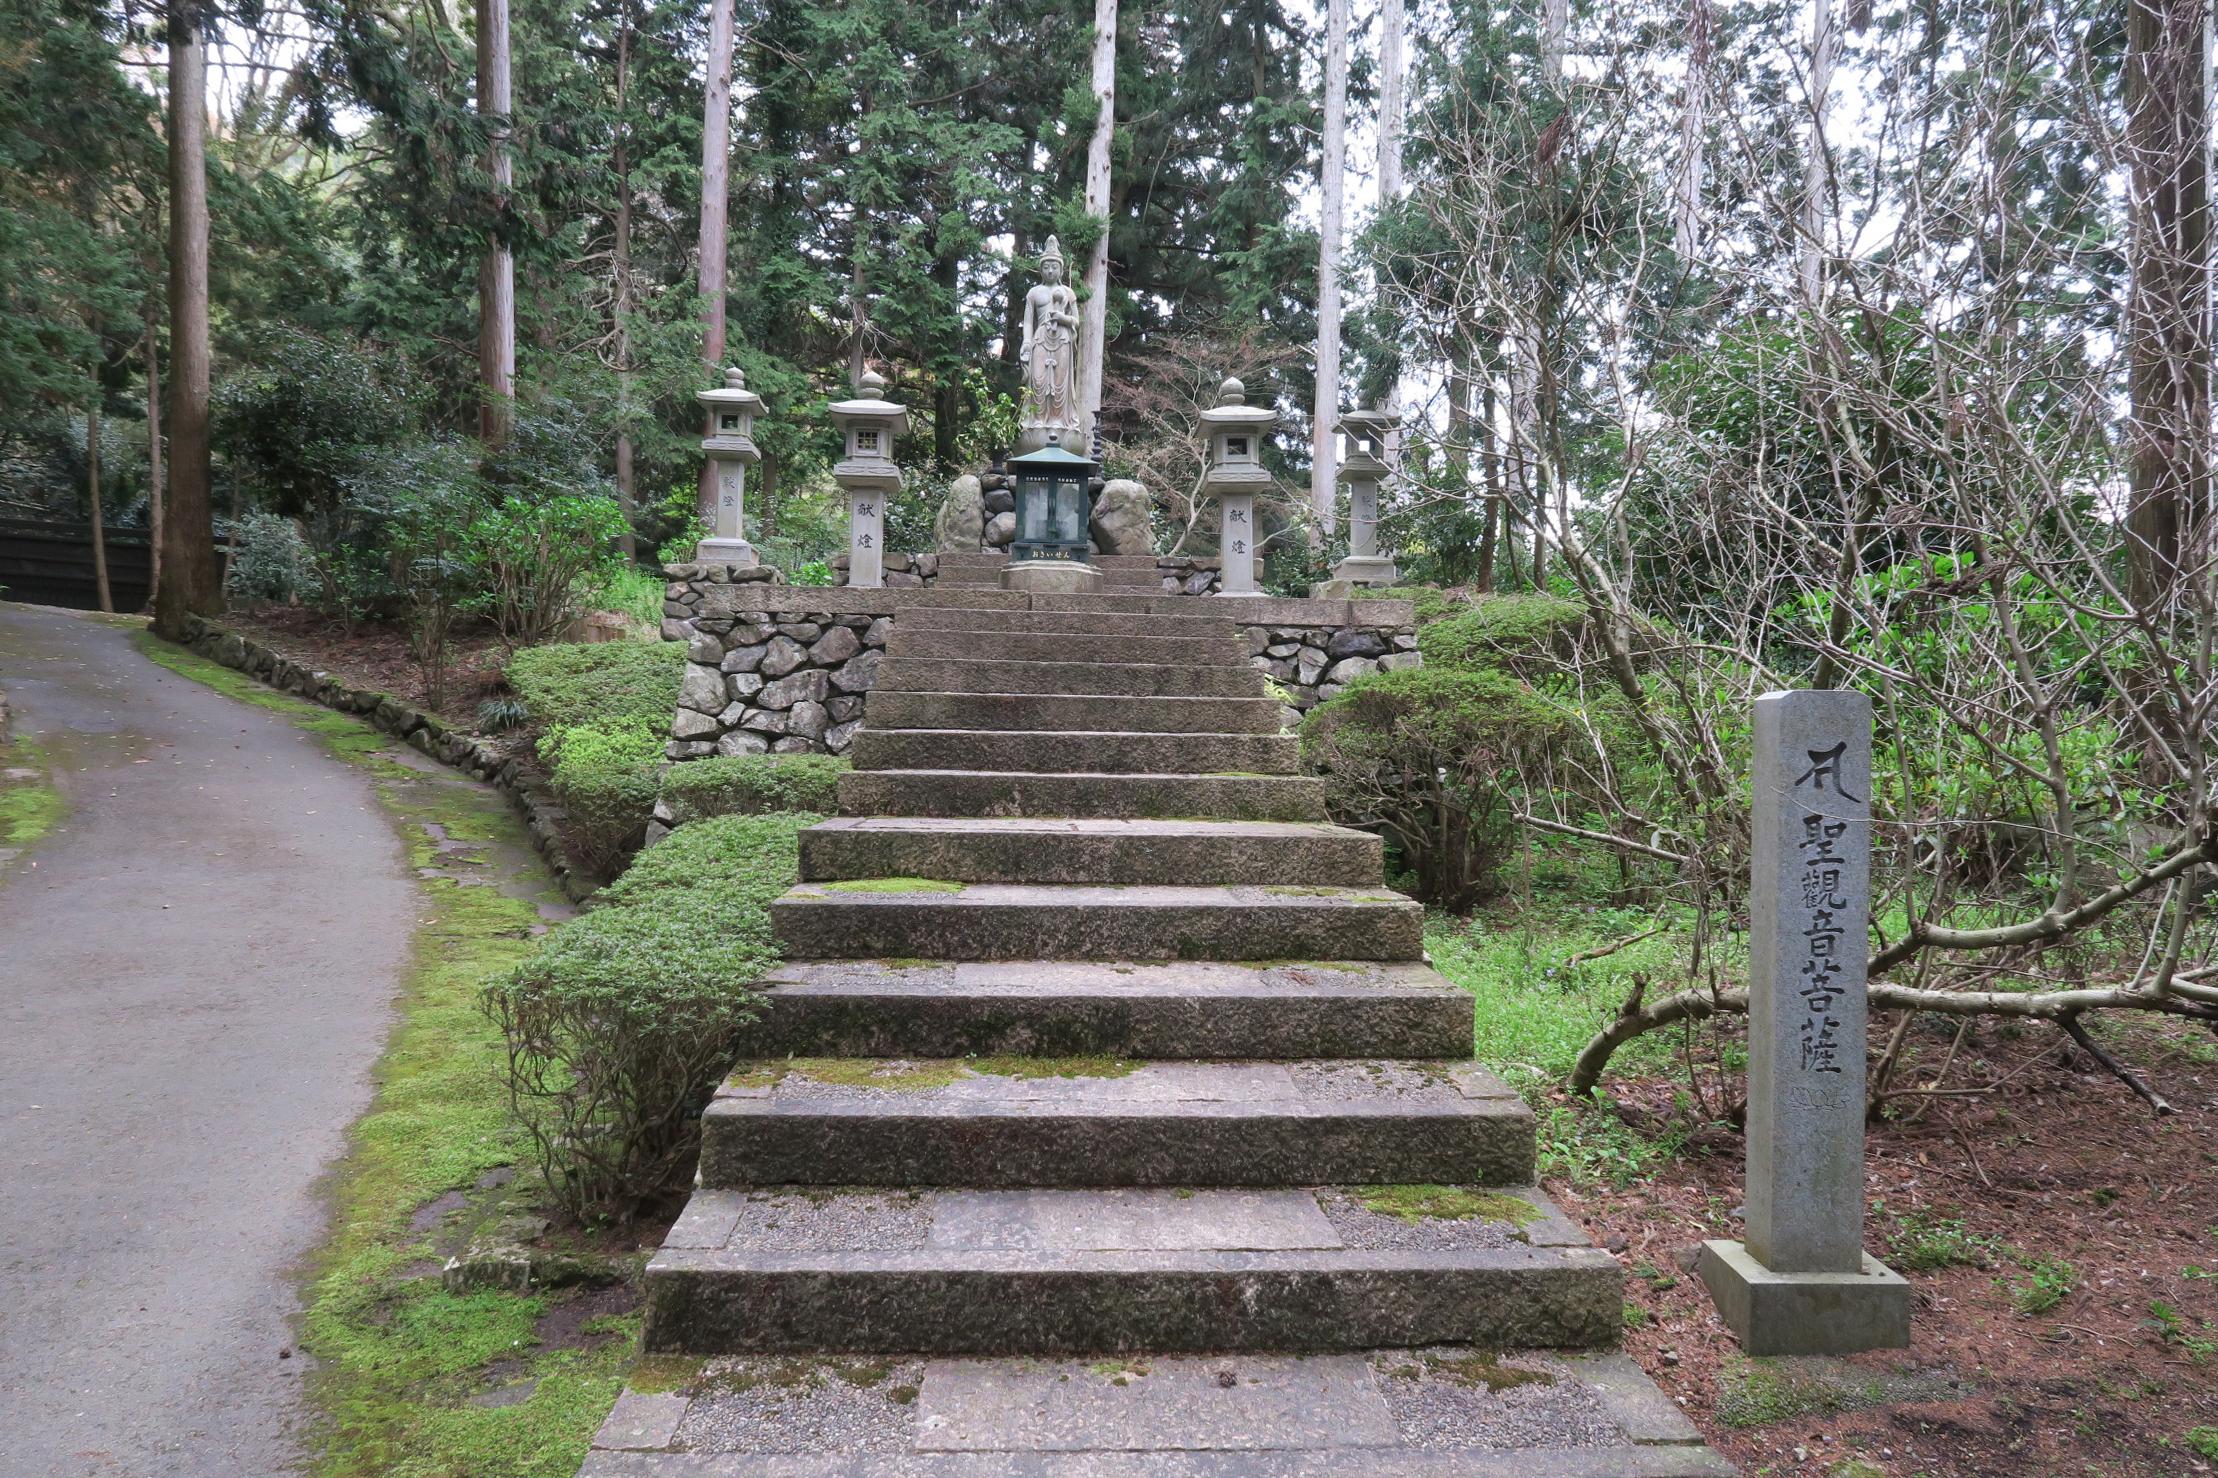 青蓮院親王御陵(宮内庁管轄)と功績ある祖師の御墓。